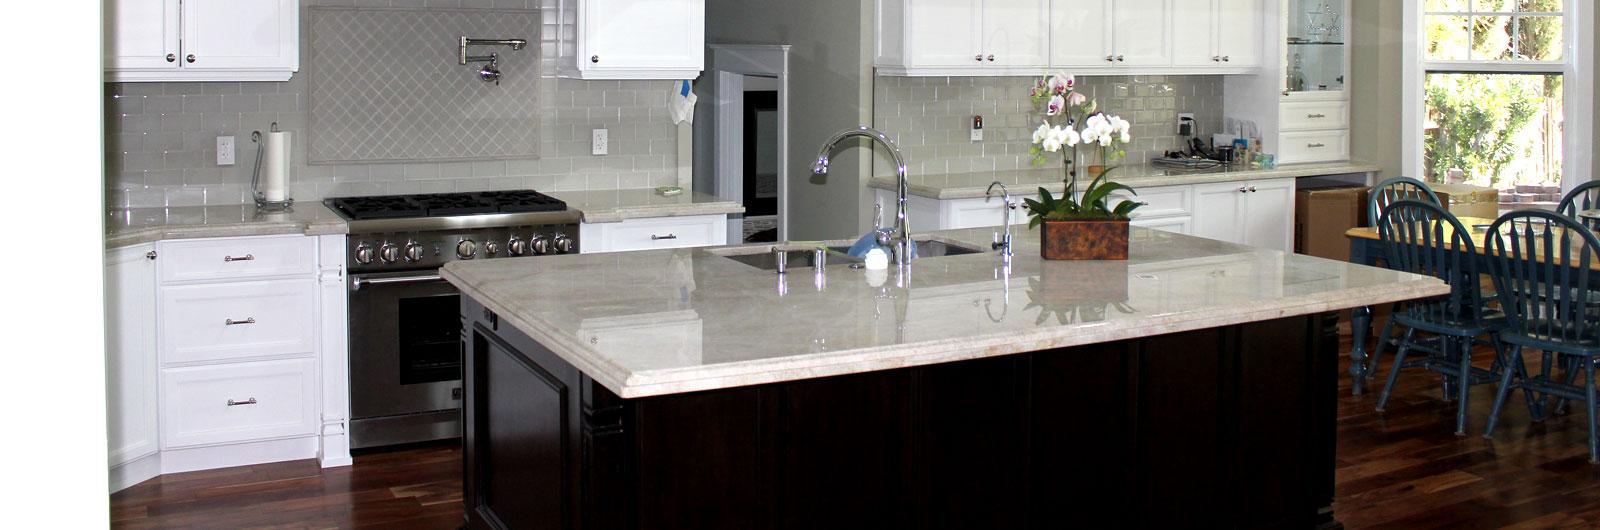 Woodland Hills Kitchen Remodeling Project Natalie N